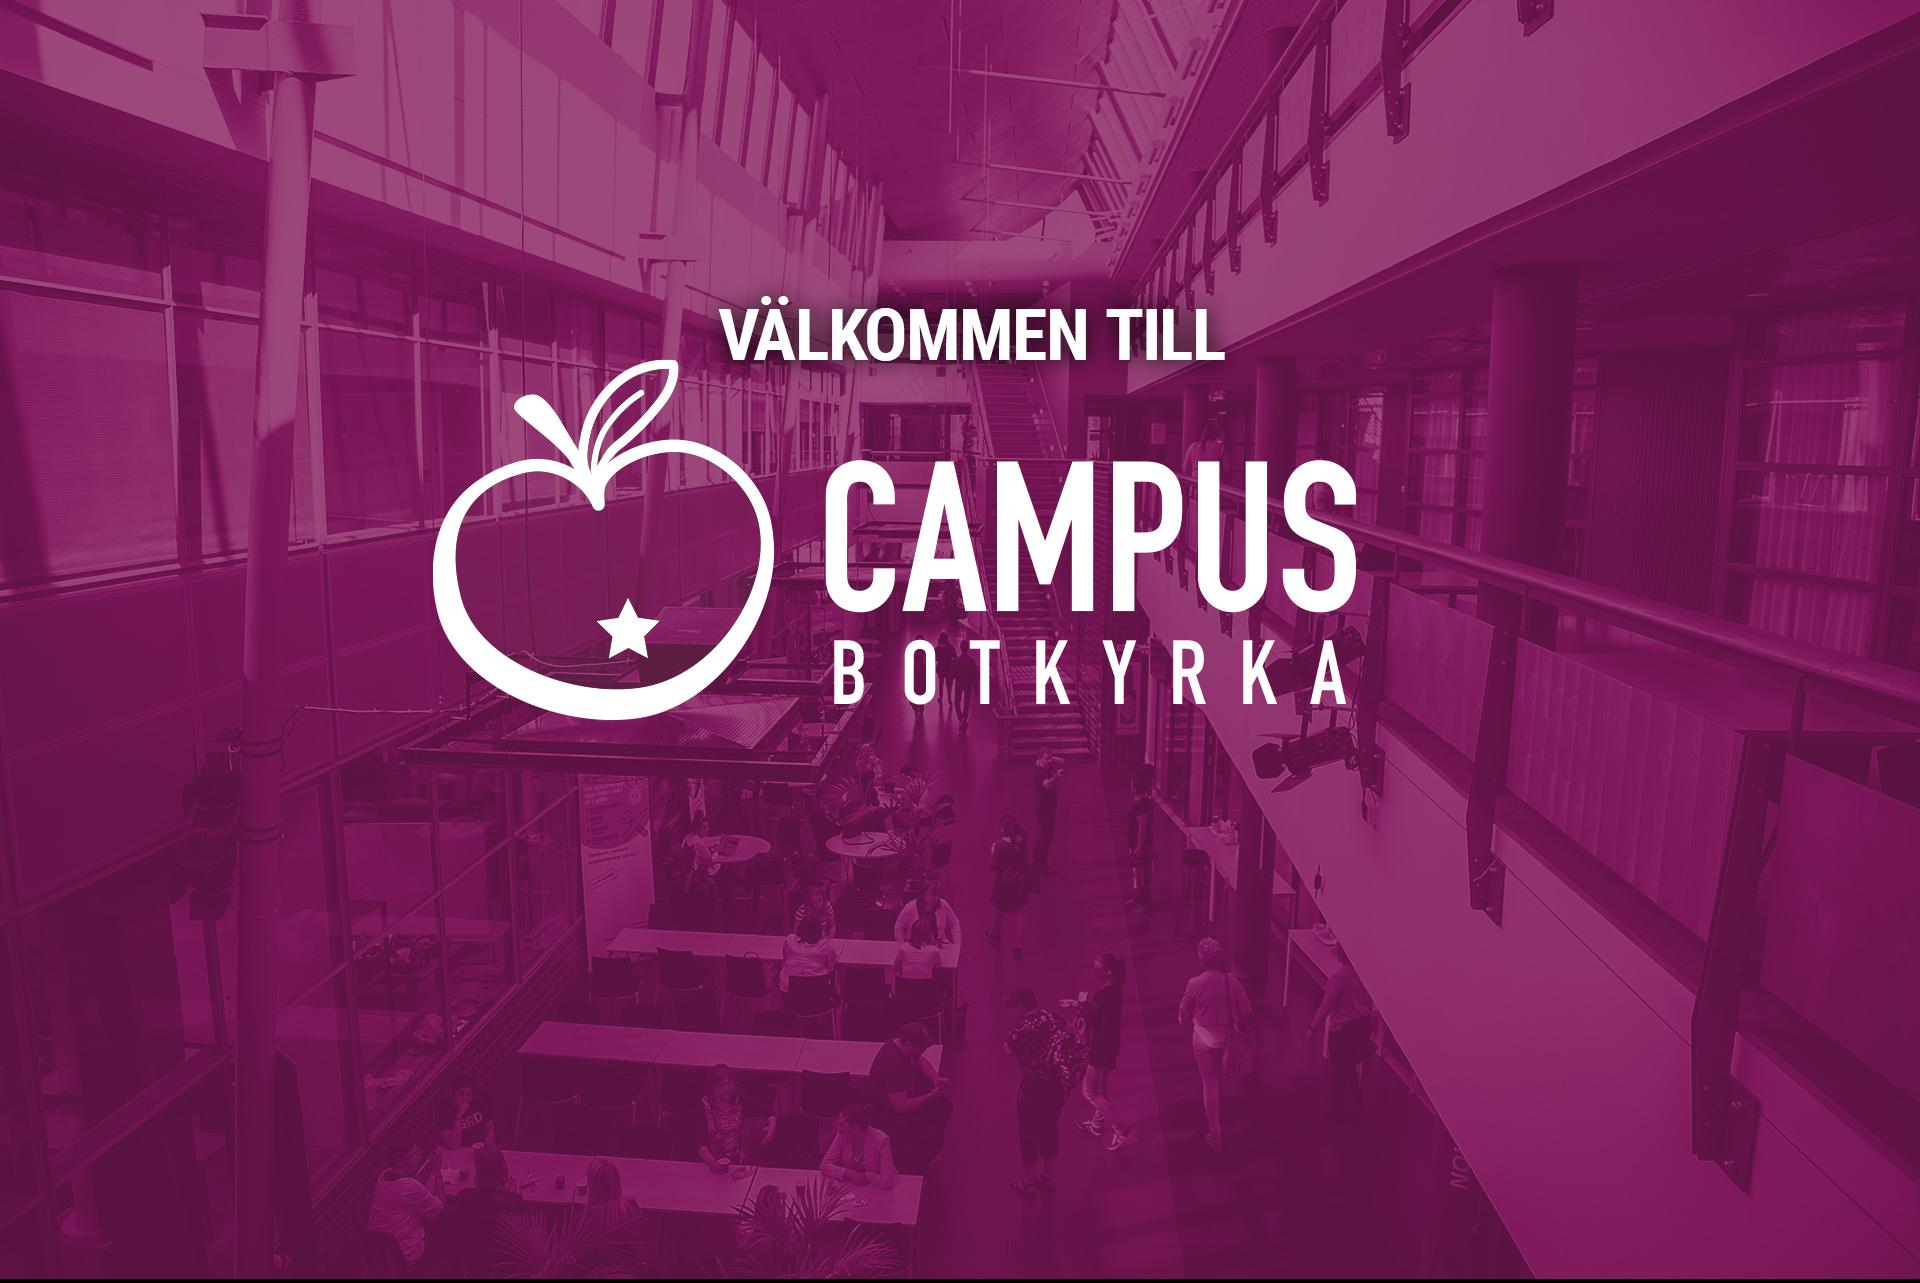 Campus Botkyrka